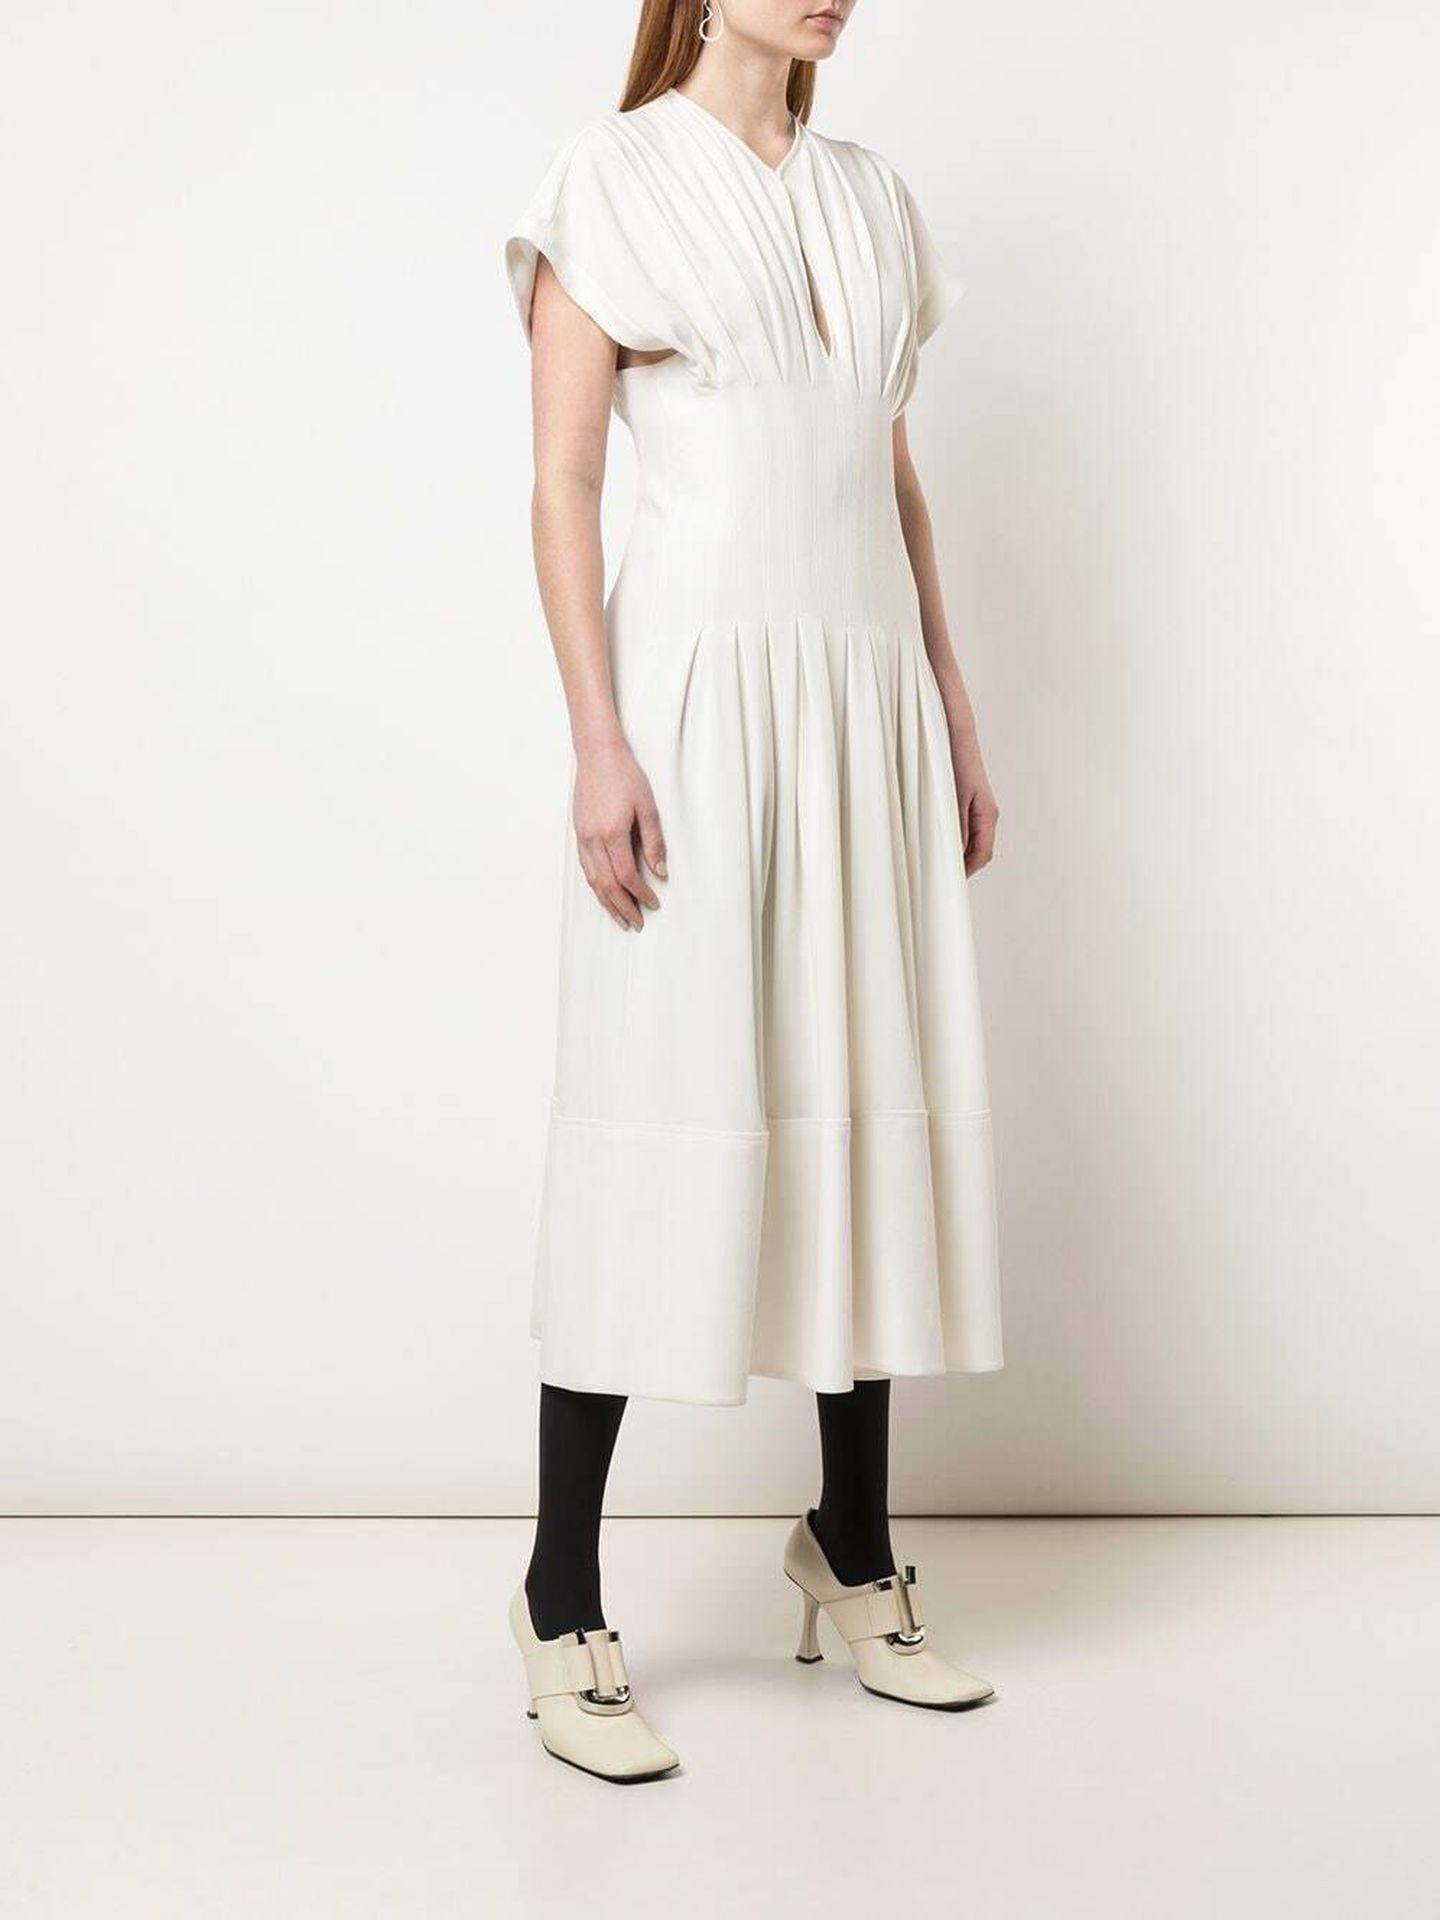 El vestido de Proenza Schouler. (Cortesía)